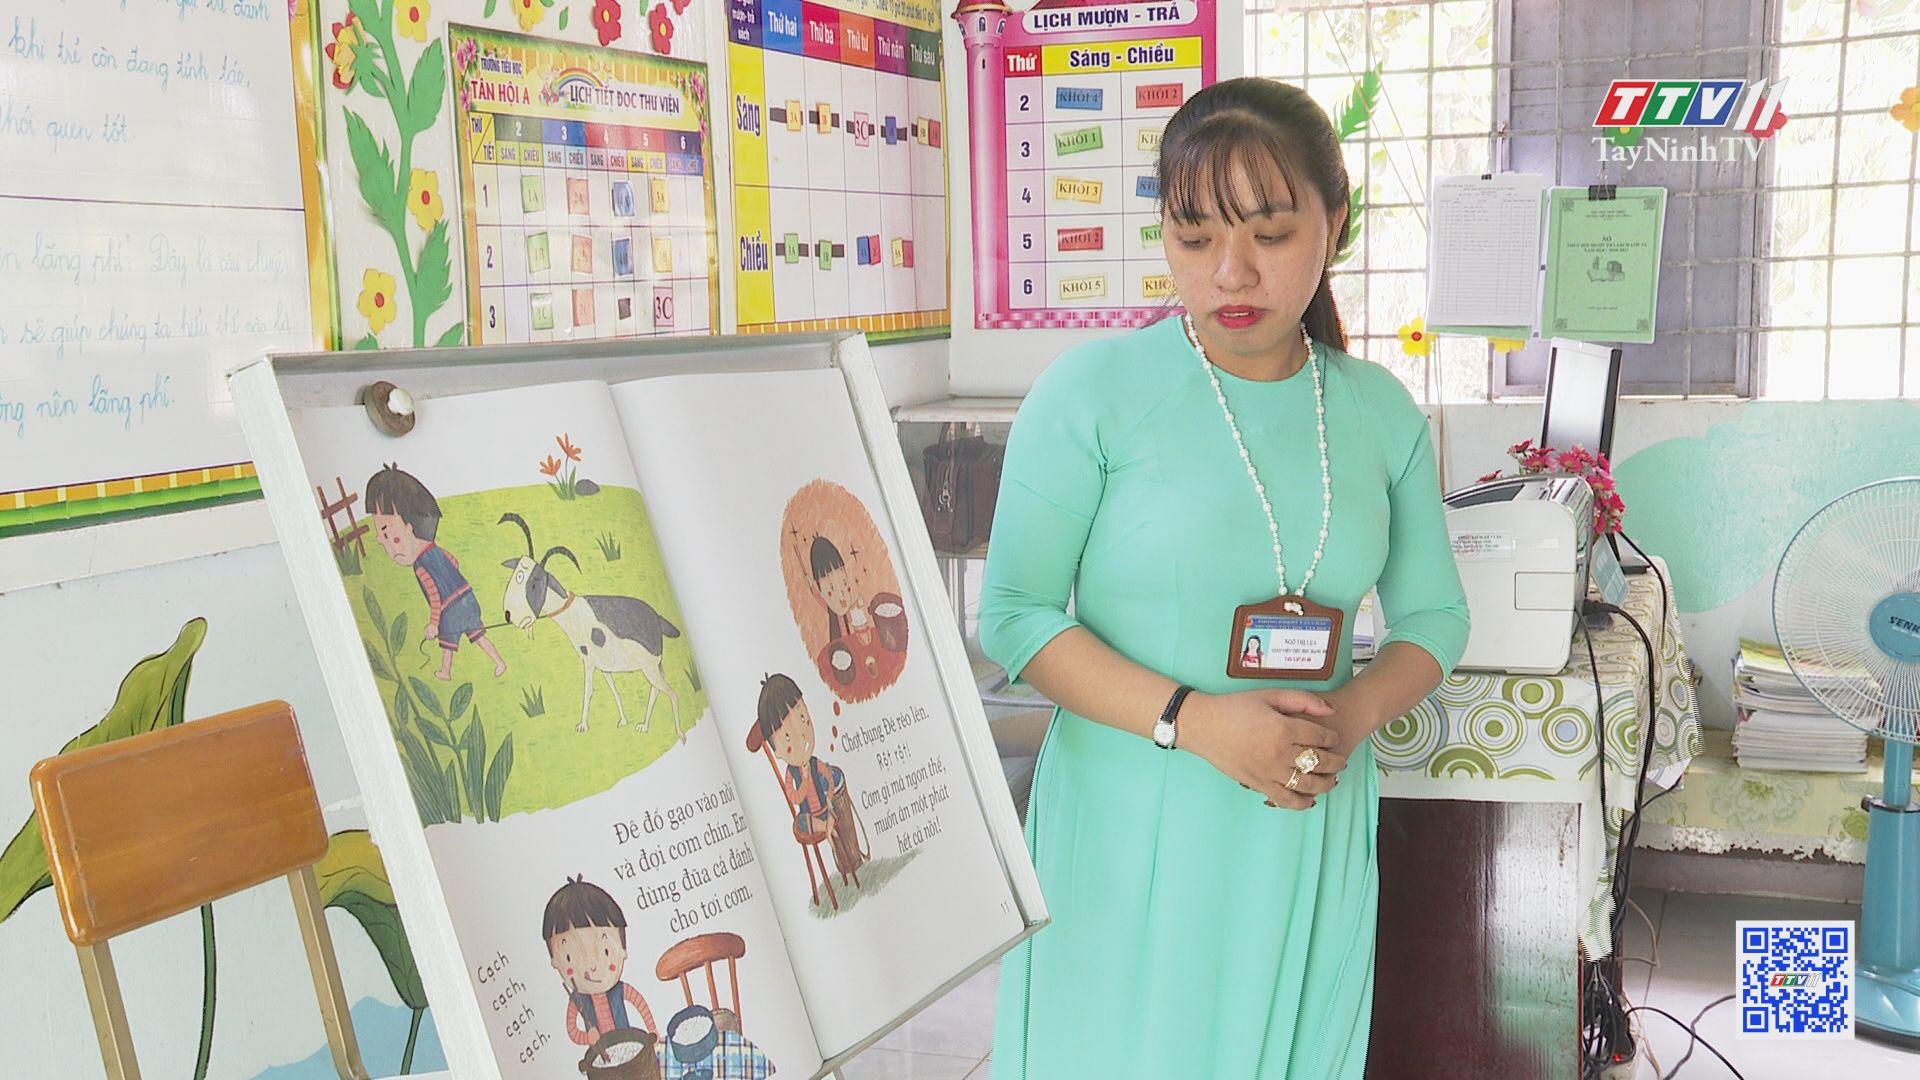 Hiệu quả mô hình thư viện thân thiện | GIÁO DỤC VÀ ĐÀO TẠO | TayNinhTV